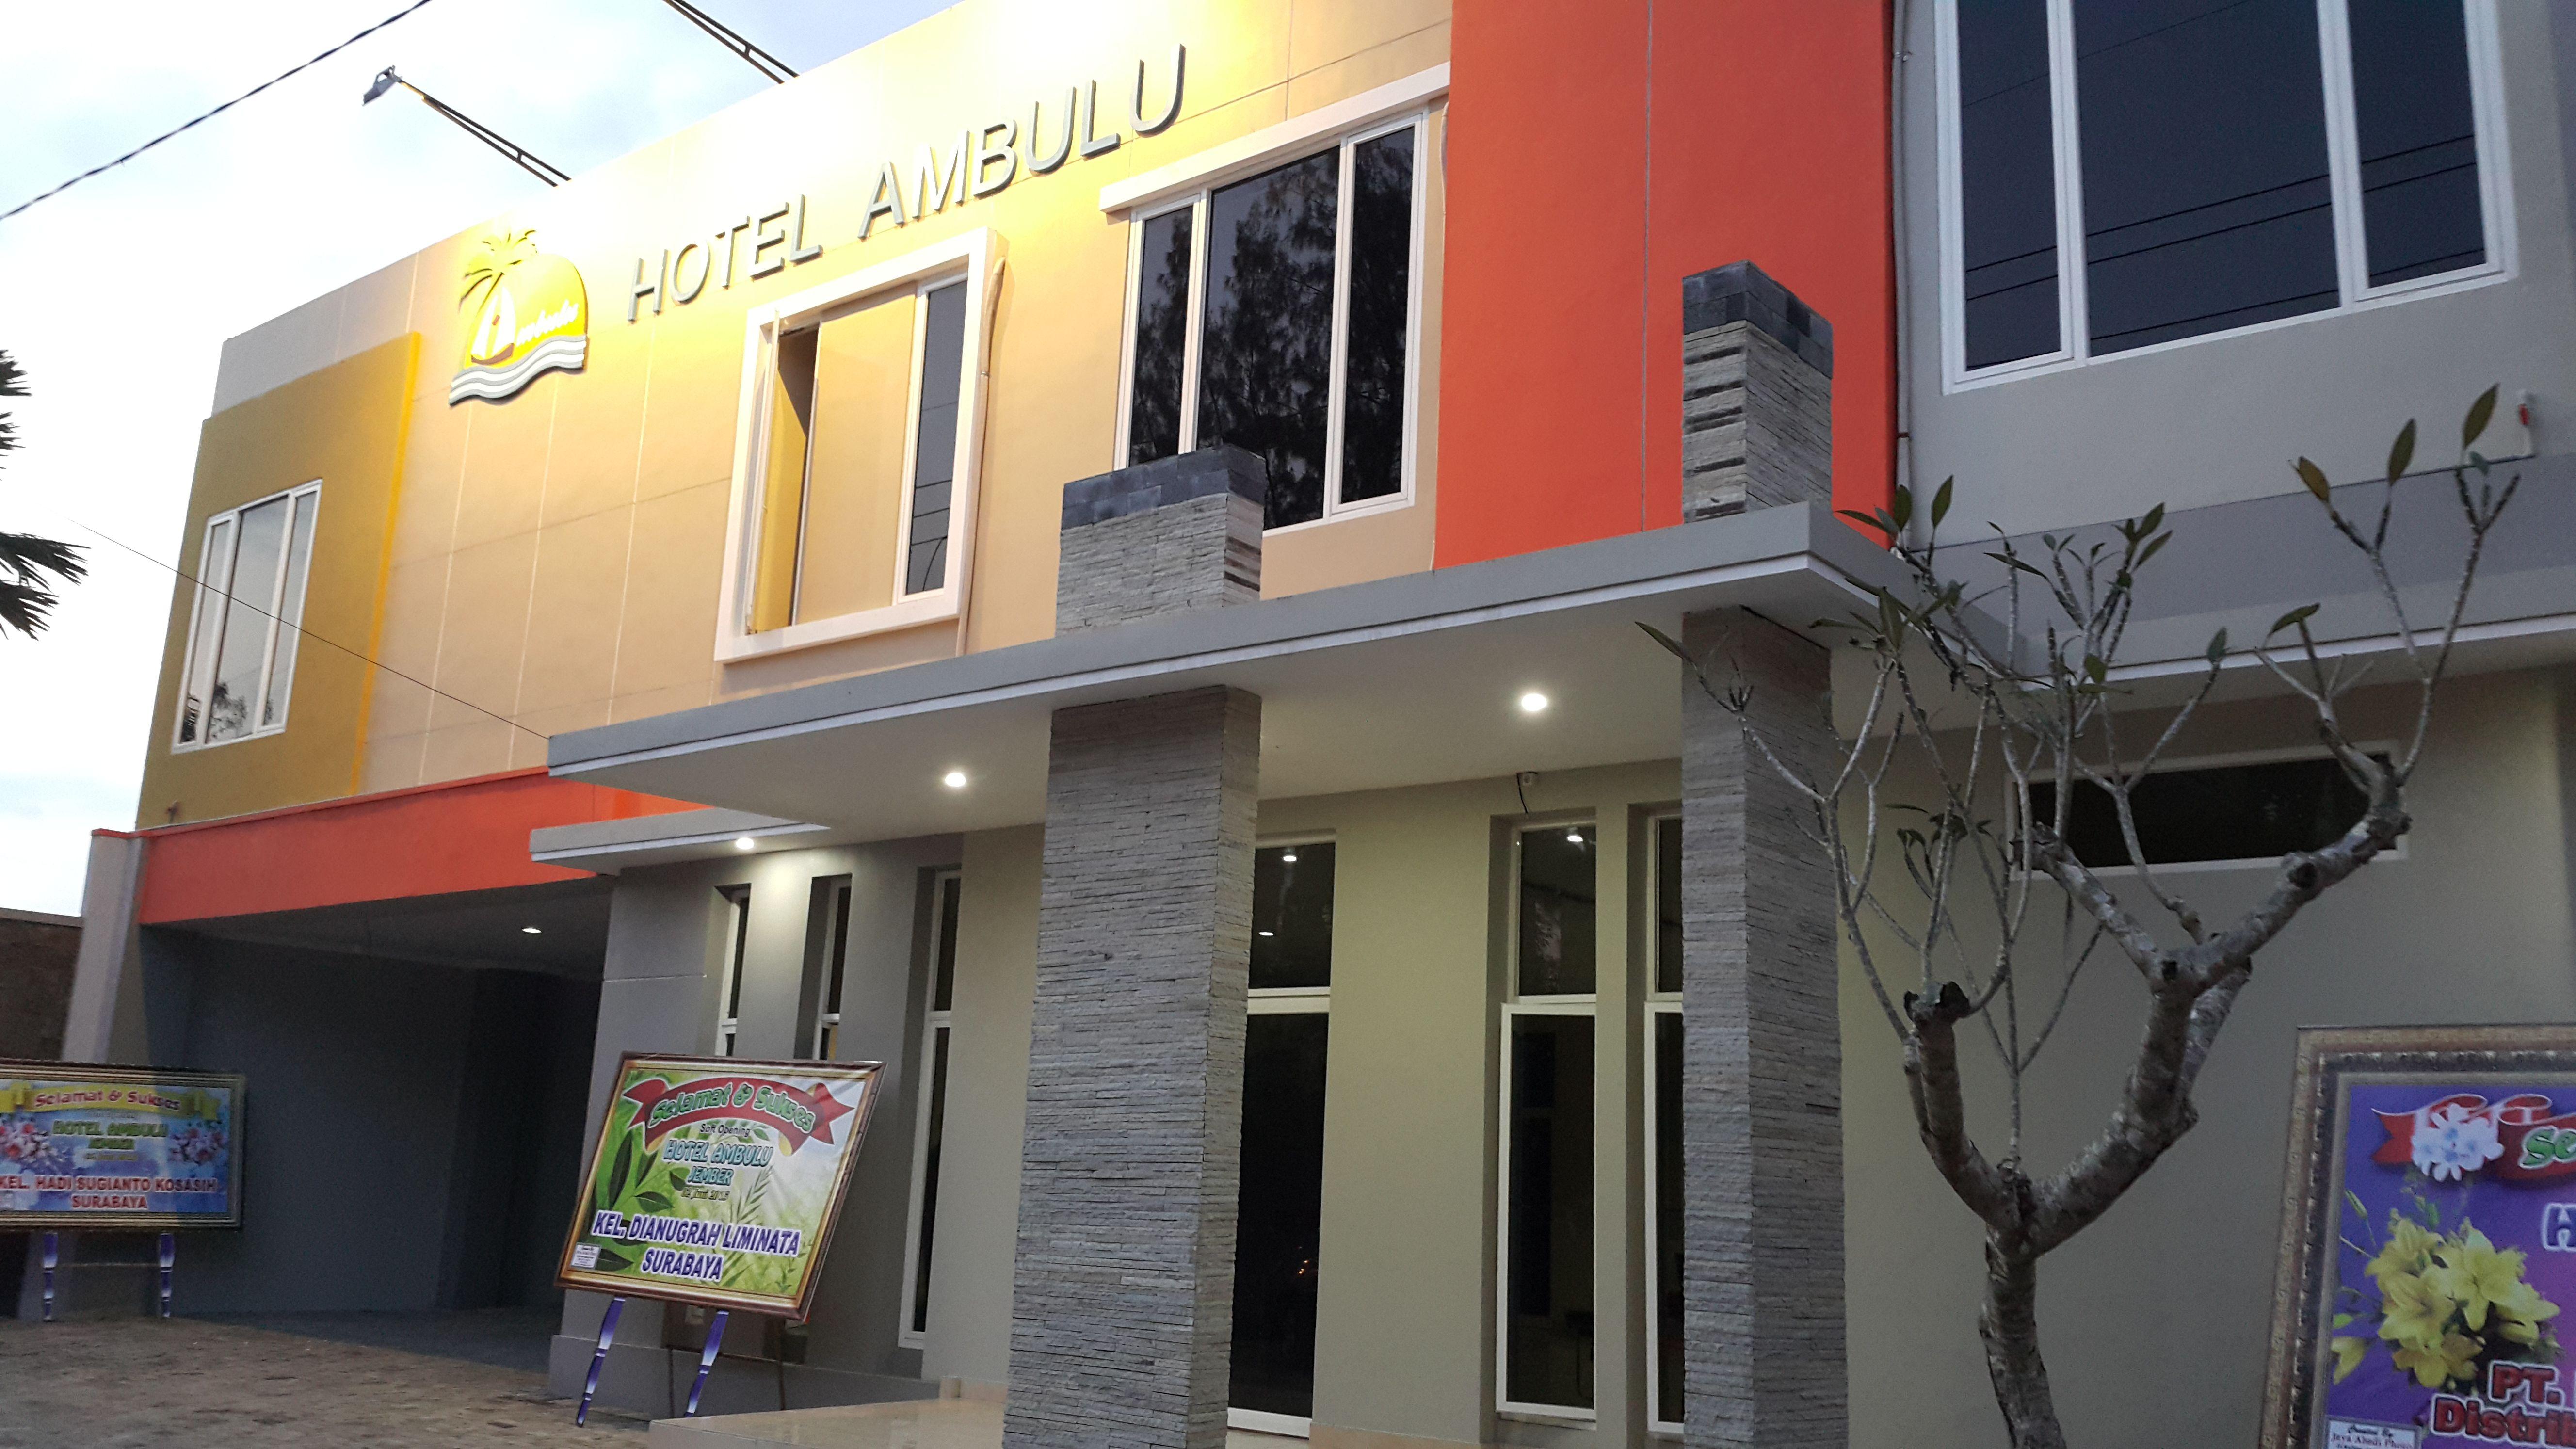 Ambulu Hotel Jember, Jember